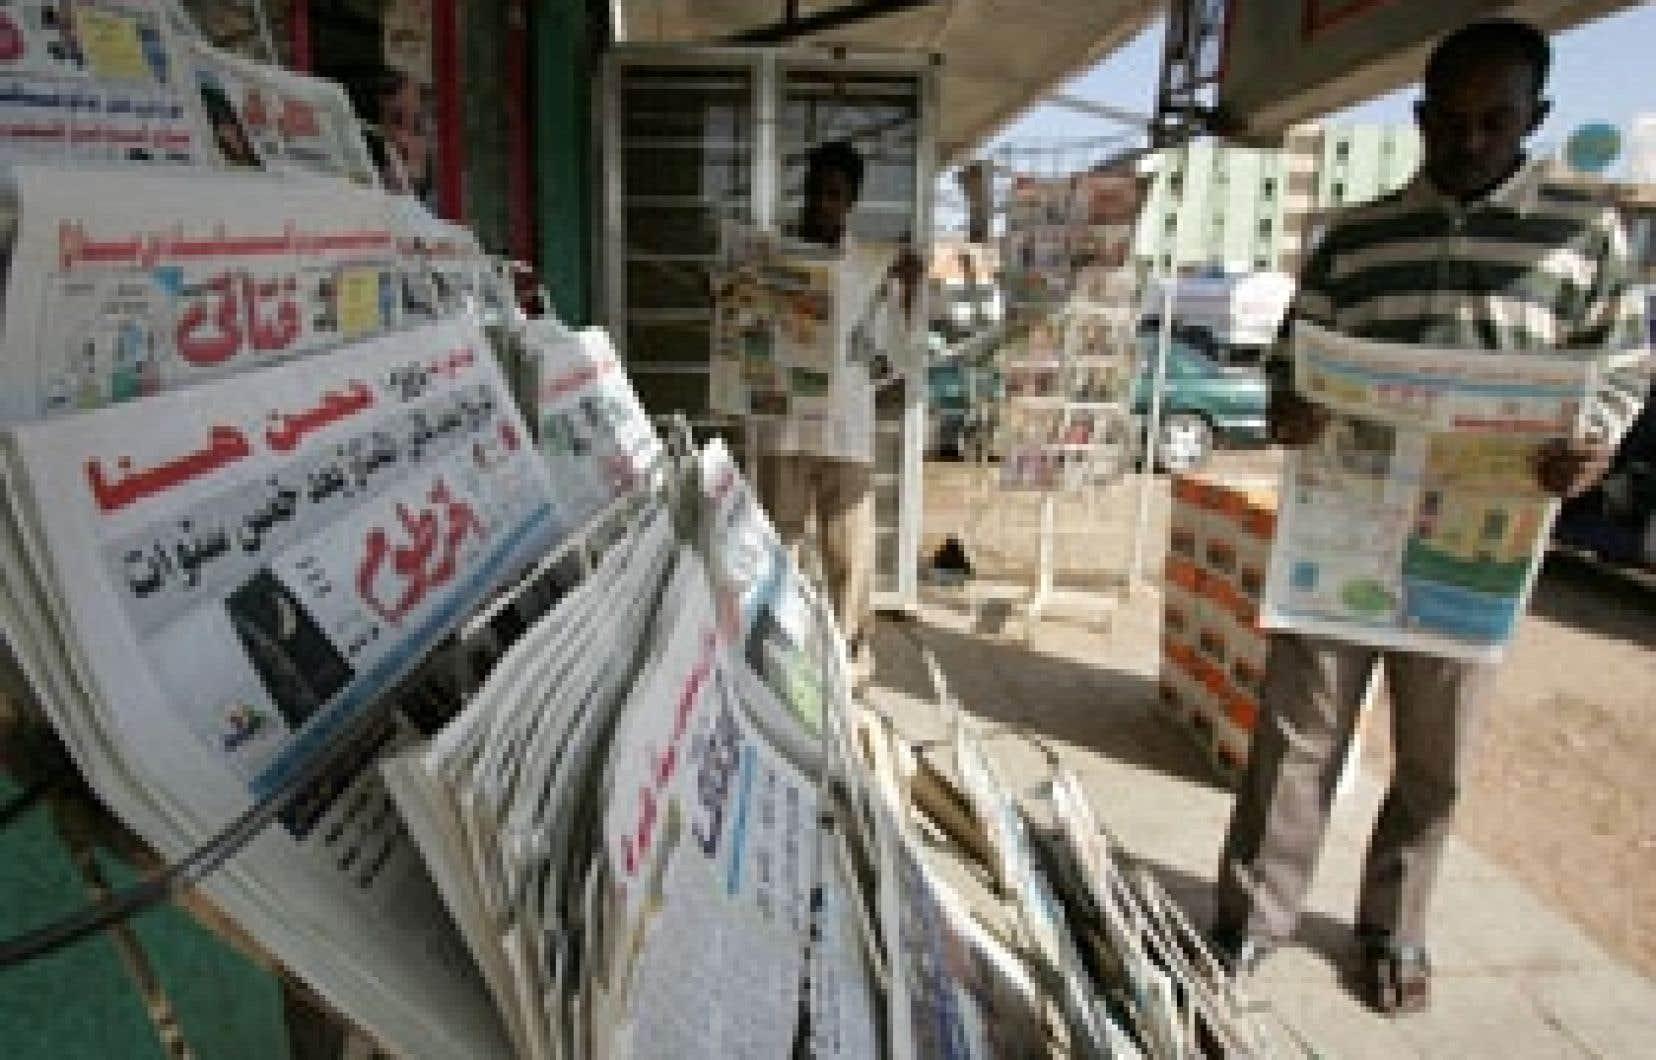 Les nouvelles n'ont pas été bonnes cette année, au Darfour.